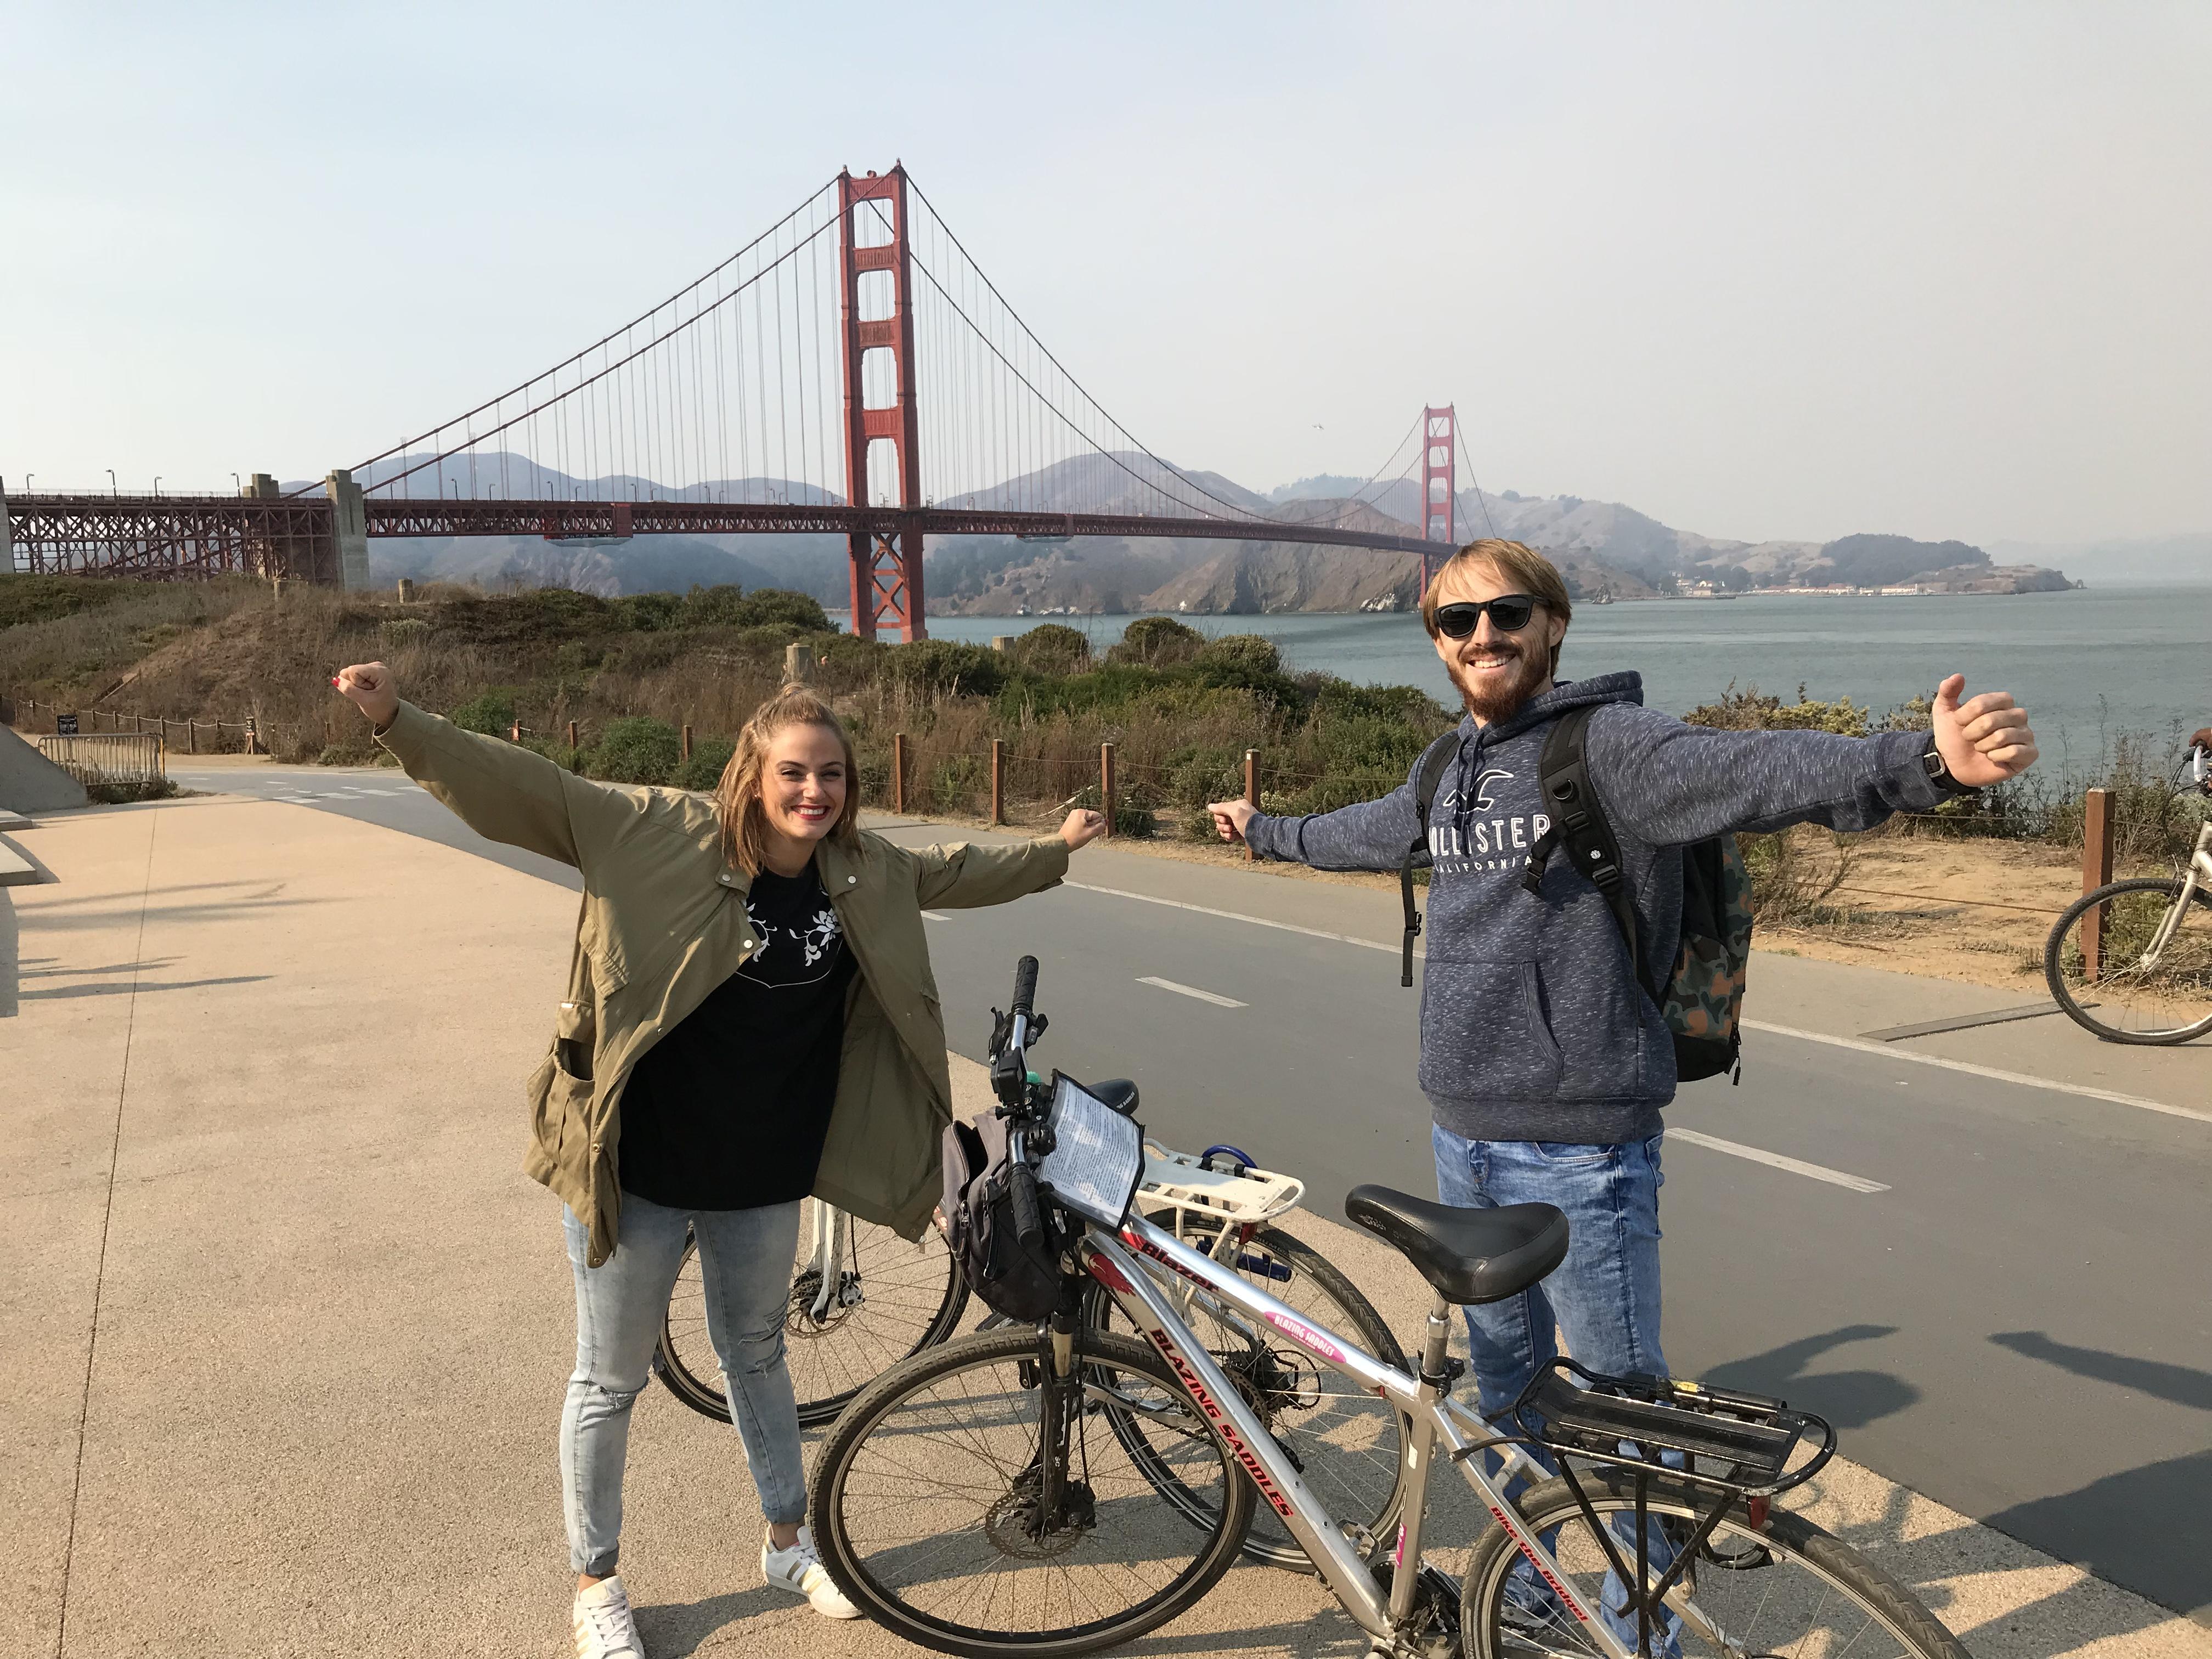 Recorriendo la Costa Oeste en Mustang, de San Francisco a Los Ángeles.